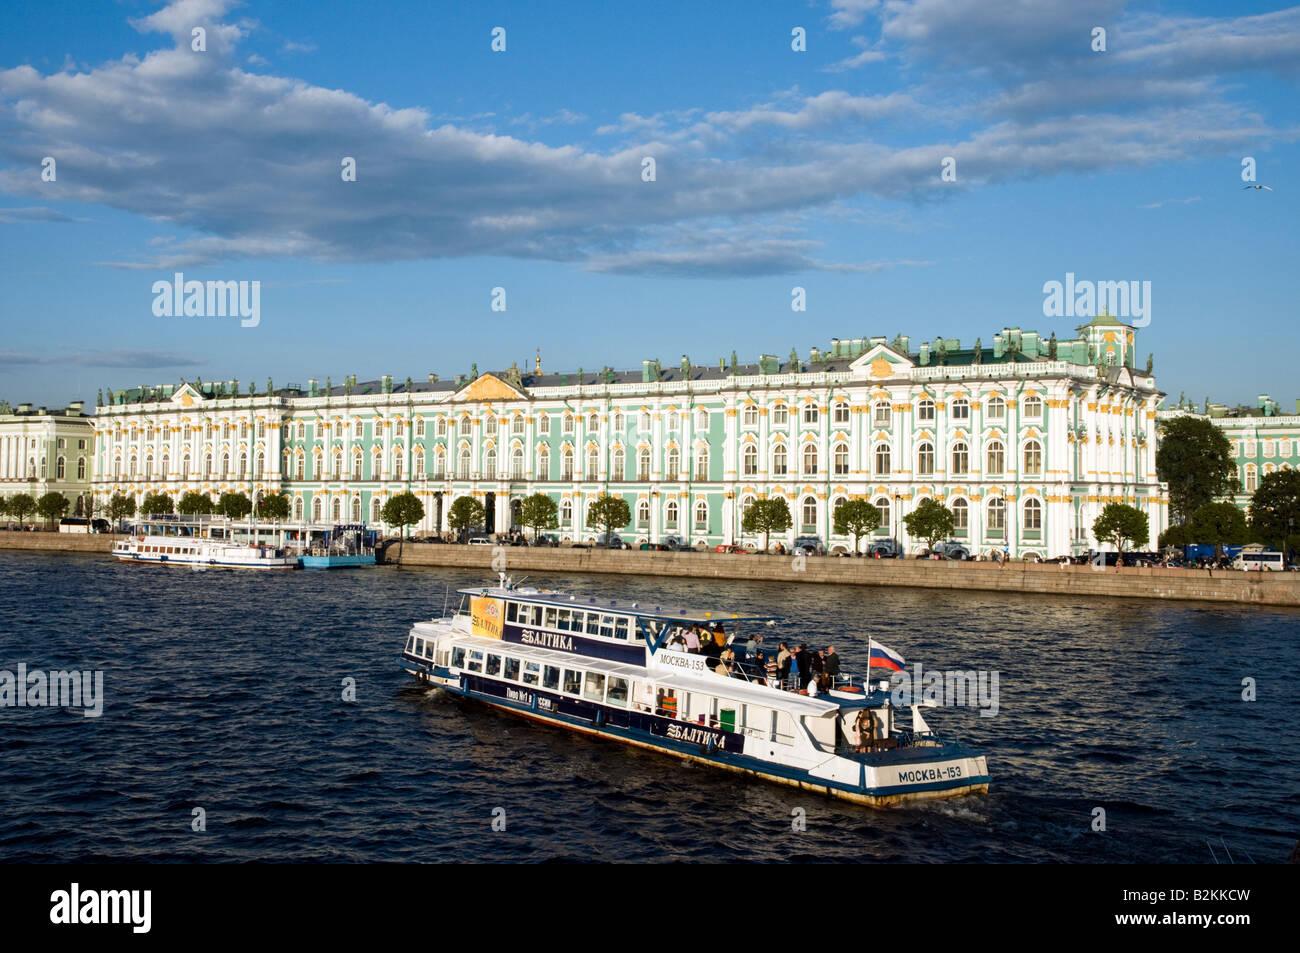 Excursión en barco pasando por el Palacio de Invierno del Museo Estatal del Hermitage, en el río Neva, en San Petersburgo, Rusia Foto de stock